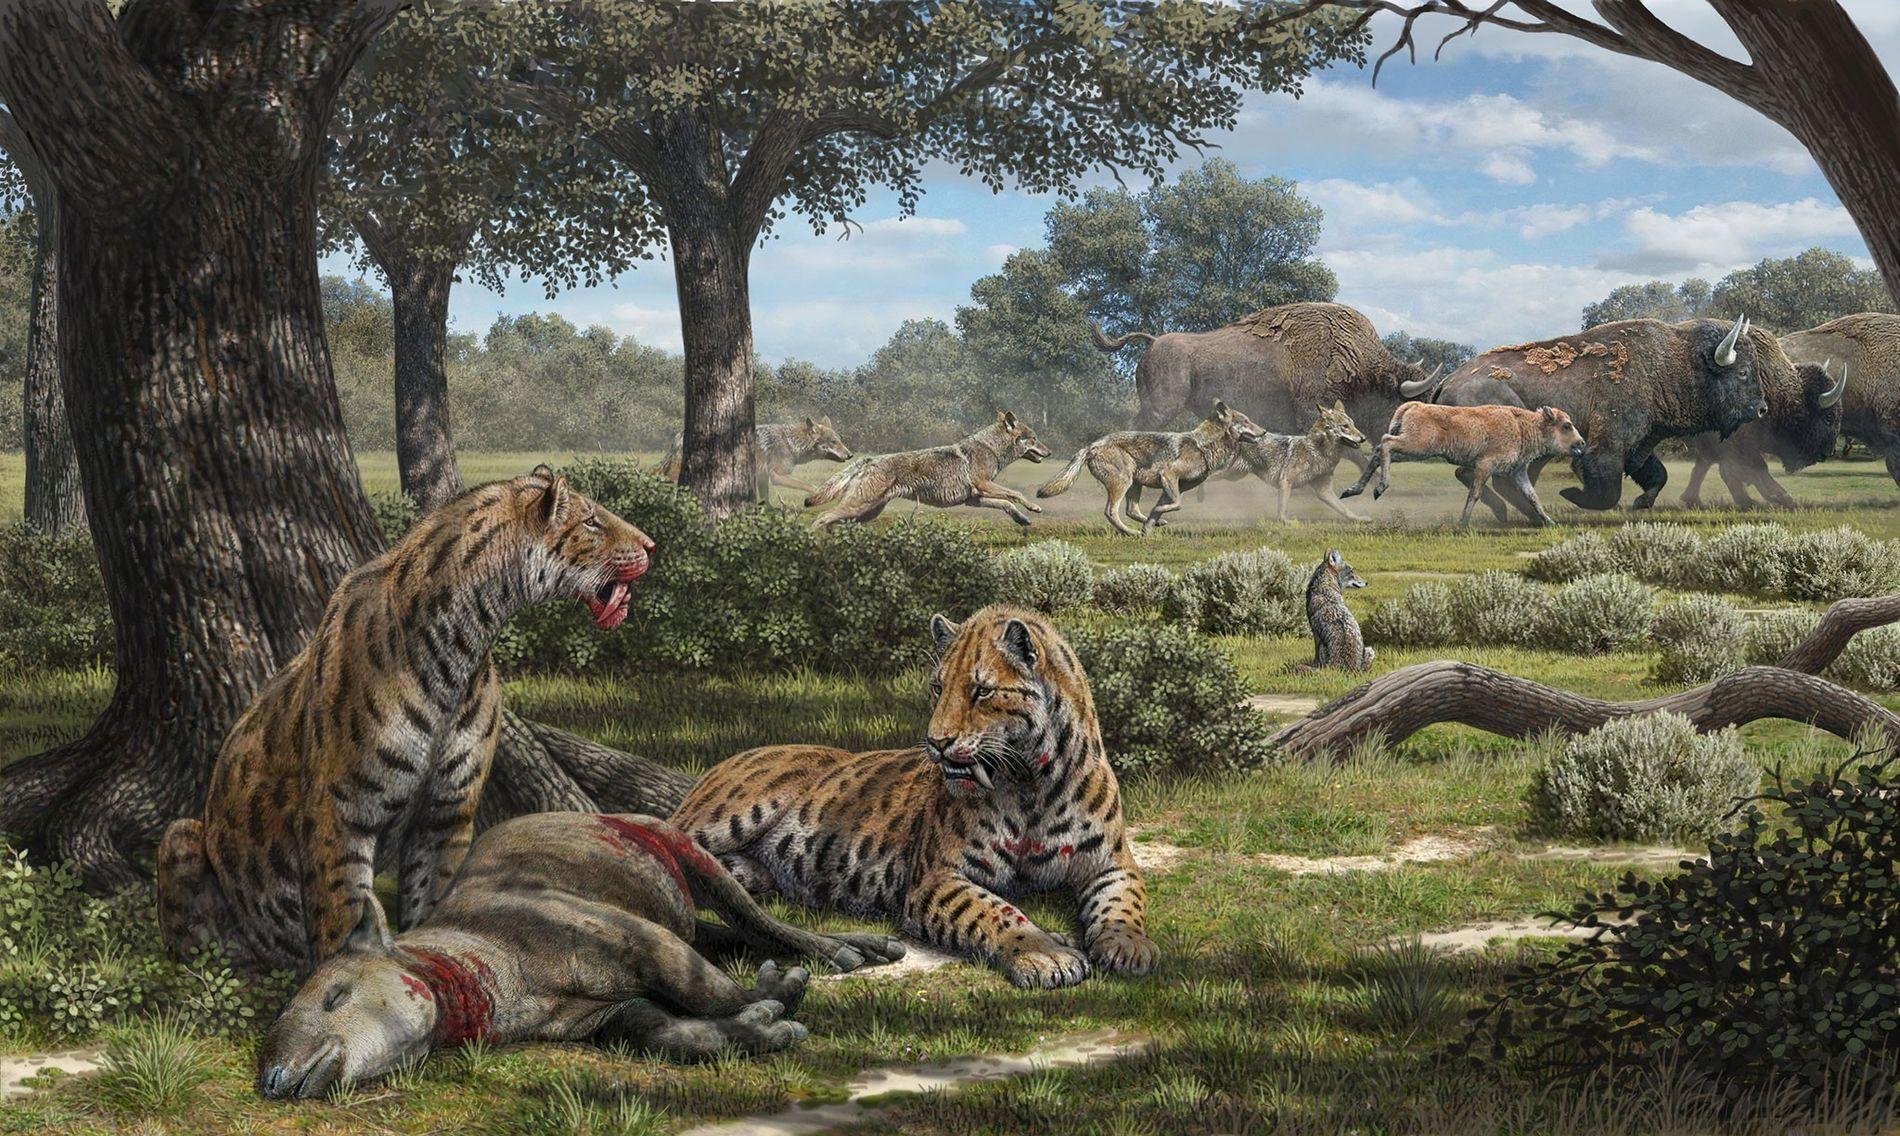 À l'ombre des arbres, des tigres à dents de sabre se régalent d'un herbivore tandis que des loups canis duris chassent des bisons dans les prairies ouvertes du Pléistocène, en Californie. Selon l'analyse de leurs dents, les tigres à dents de sabre de l'Ouest américain préféraient probablement les forêts et chassaient des animaux tels que le tapir et le cerf.